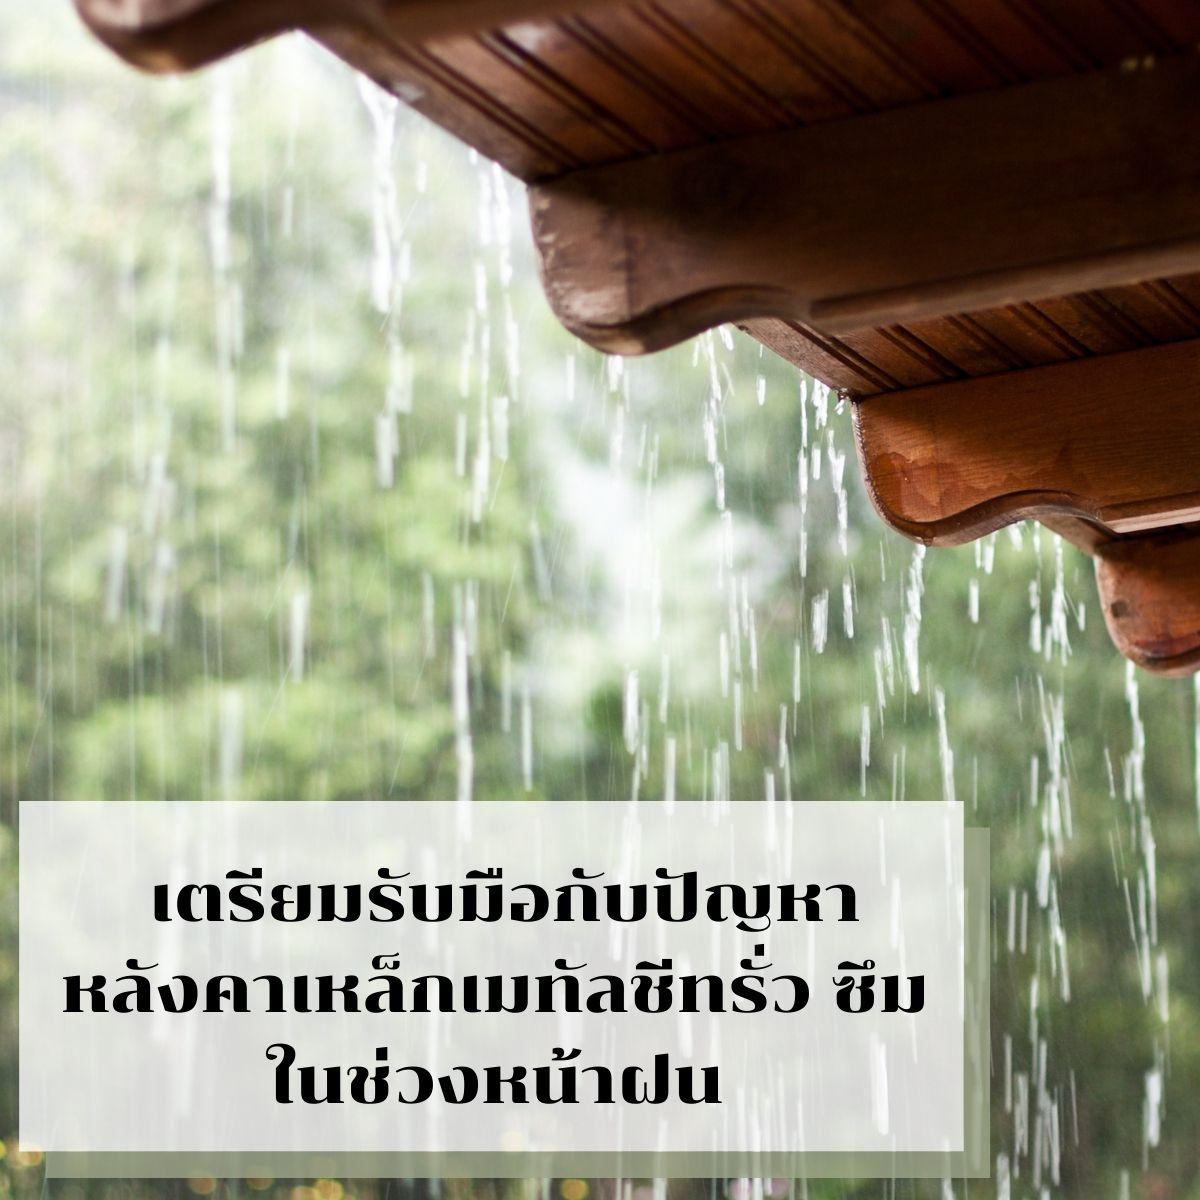 เตรียมรับมือกับปัญหาหลังคาเหล็กเมทัลชีทรั่ว ซึม ในช่วงหน้าฝน